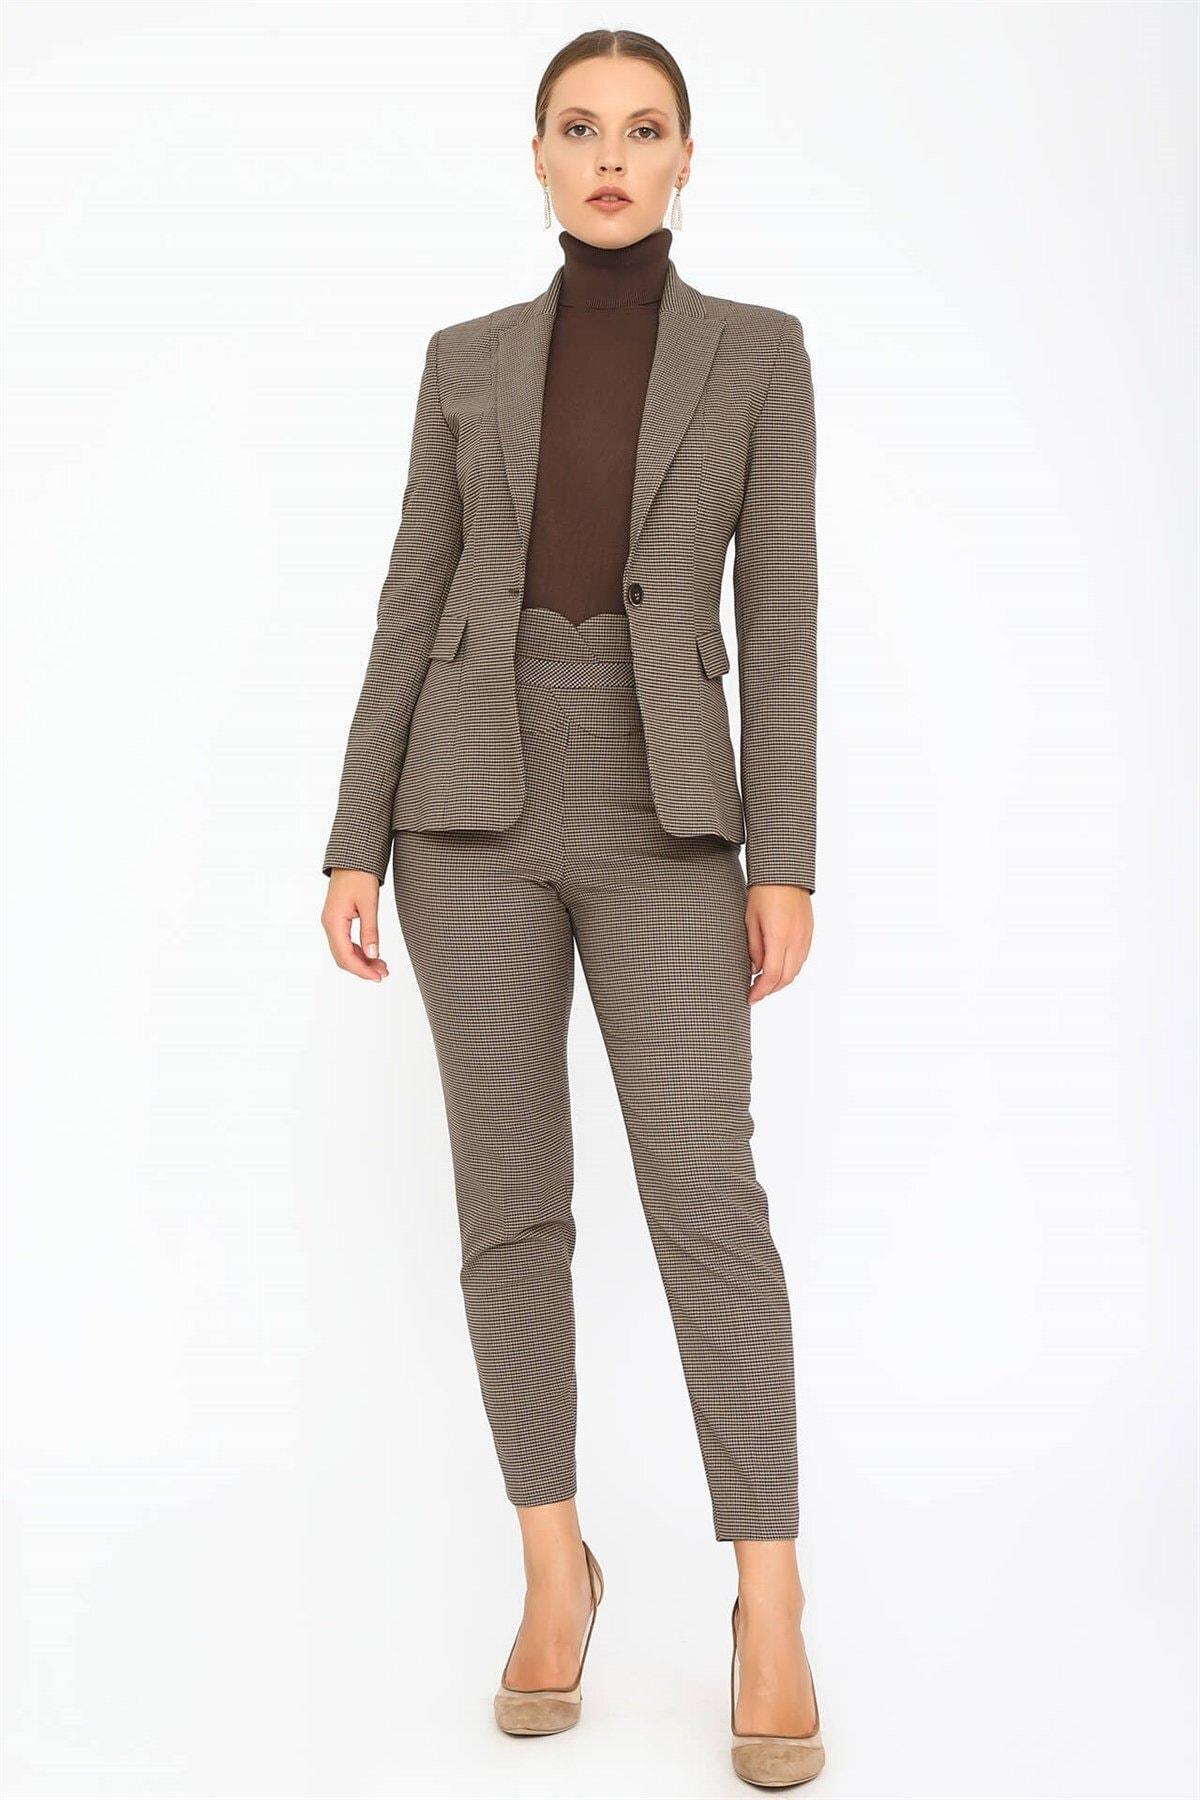 Chima Kadın Vizon Kemeri Detaylı Pantolon K20PA047 1